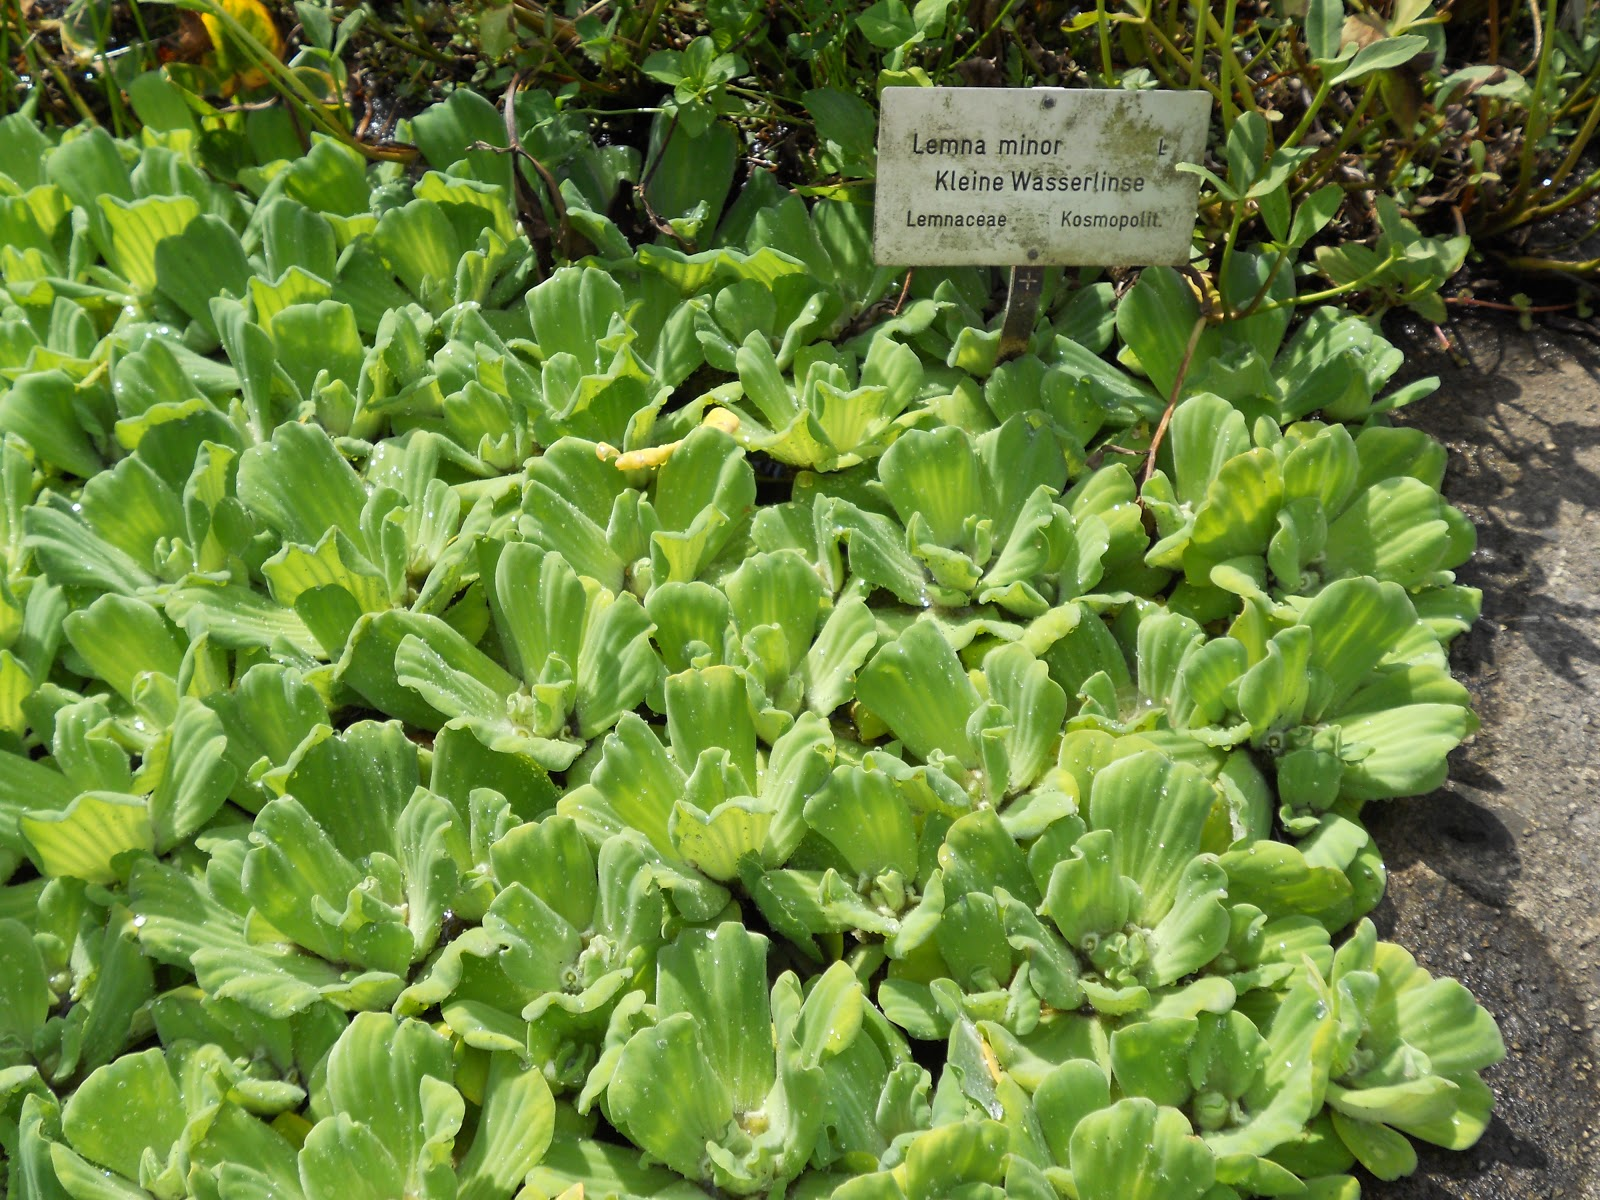 Jardineria eladio nonay plantas acu ticas flotantes - Jardineria eladio nonay ...